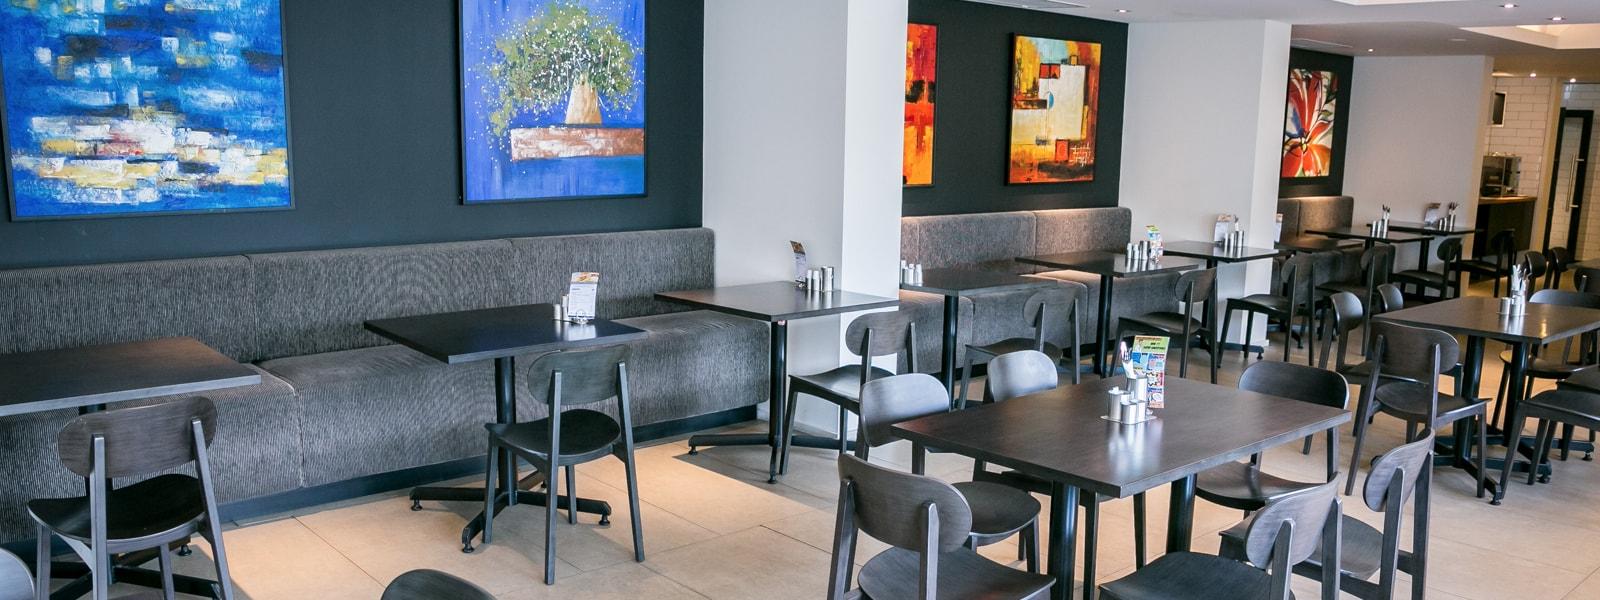 Octane Restaurant